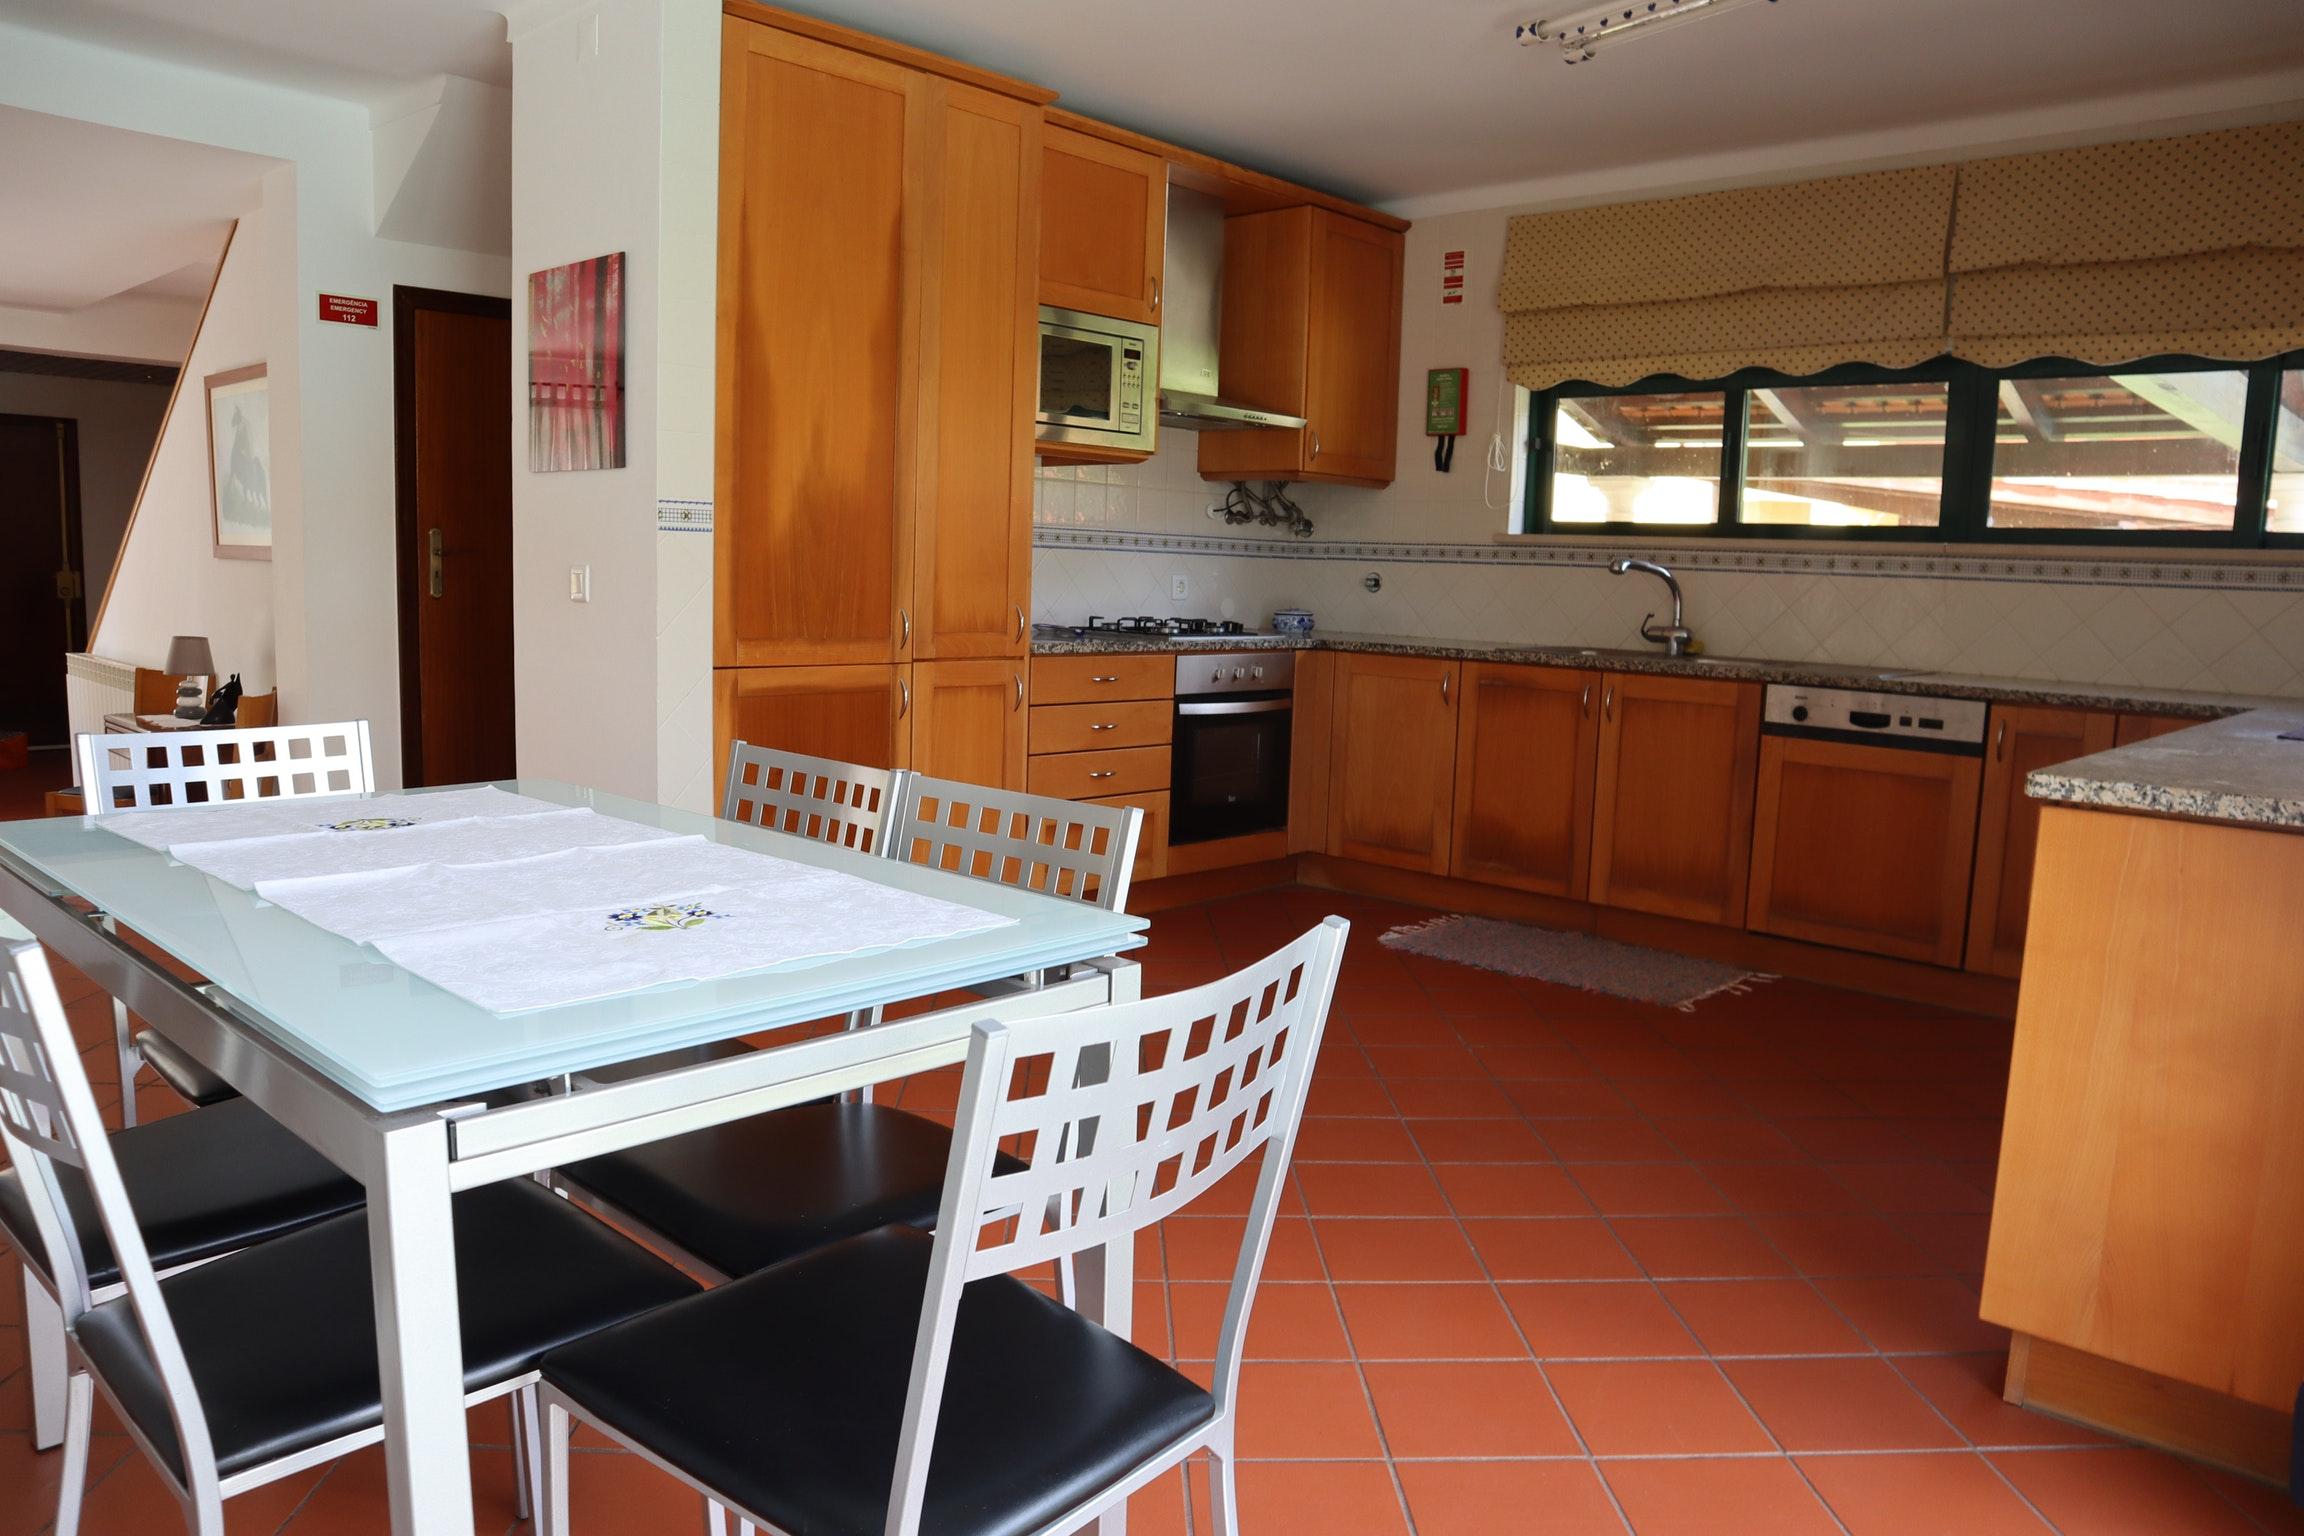 Ferienhaus Villa mit 4 Schlafzimmern in Praia de Mira mit privatem Pool, eingezäuntem Garten und W-LA (2623071), Praia de Mira, Costa de Prata, Zentral-Portugal, Portugal, Bild 3